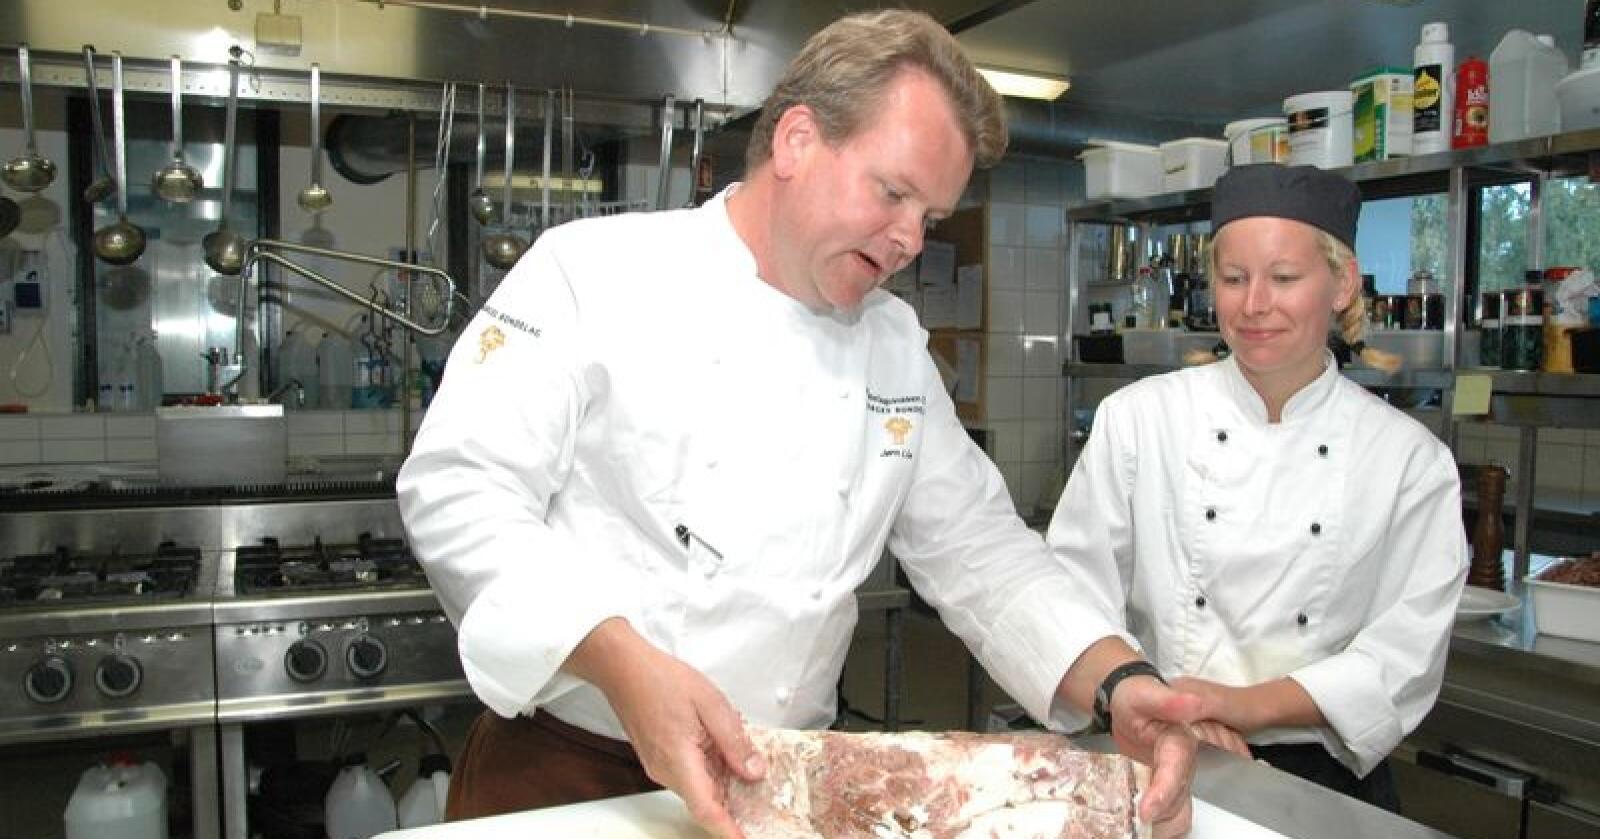 Jørn Lie, eier av Gamle Raadhus restaurant og Vaaghals, er med i årets jury. Lie var Årets Bondelagskokk i 2010. Her sammen med Monica Hoff. Arkivfoto